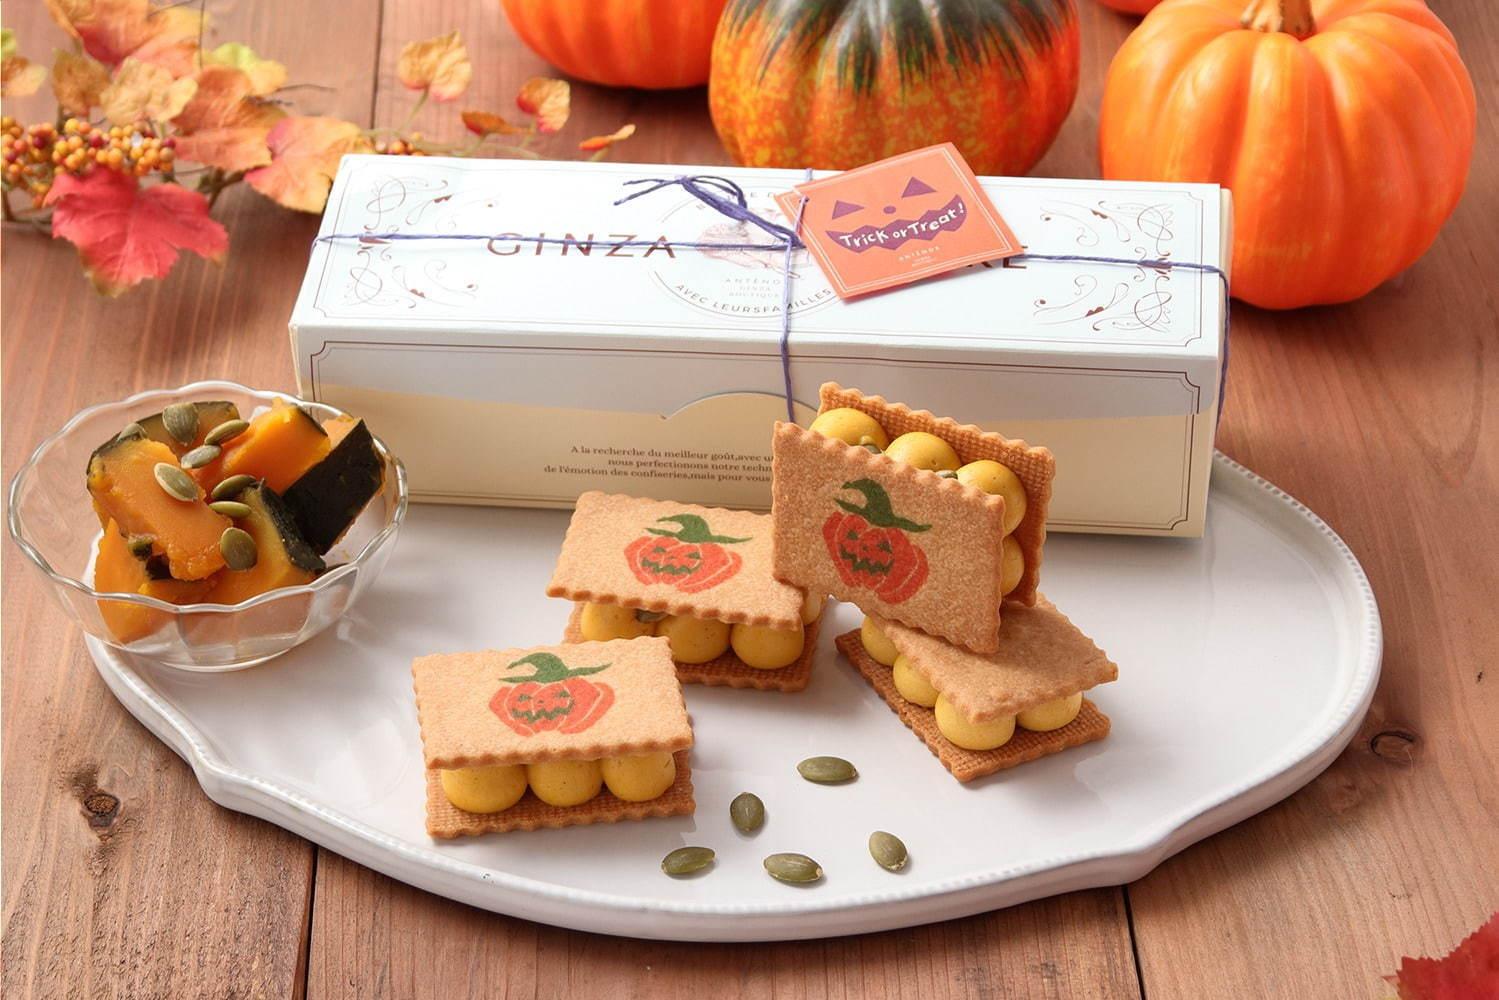 <アンテノール 銀座ブティック>「銀座バターサンド」かぼちゃバタークリームをサンド